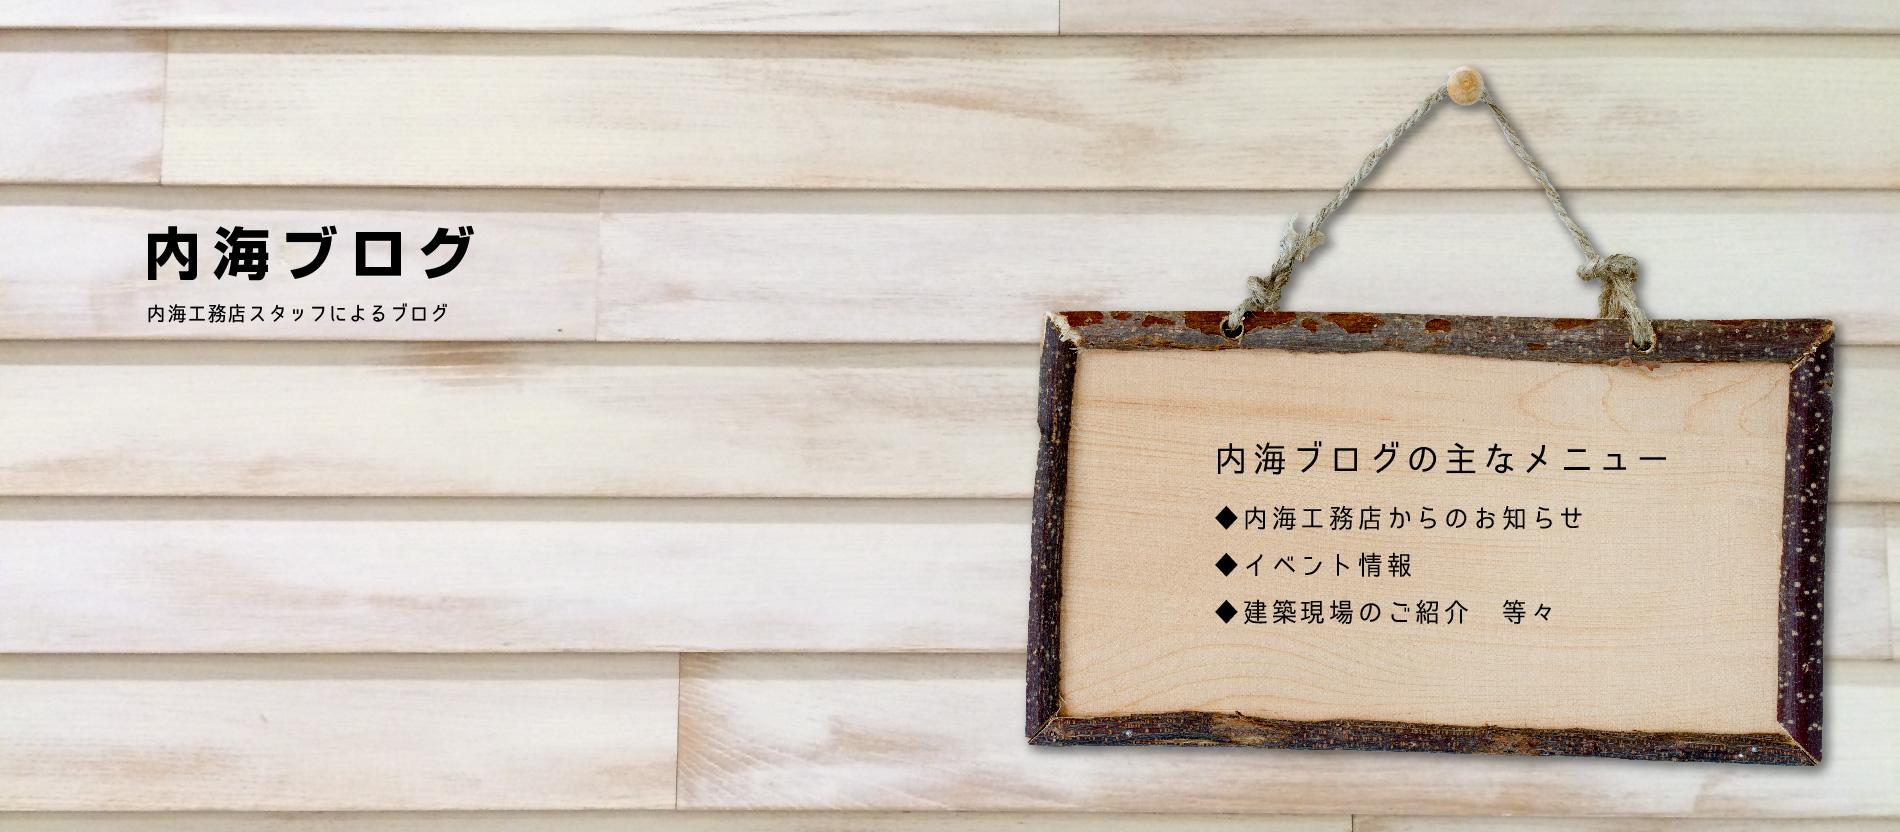 【内海ブログ】内海工務店スタッフによるブログ